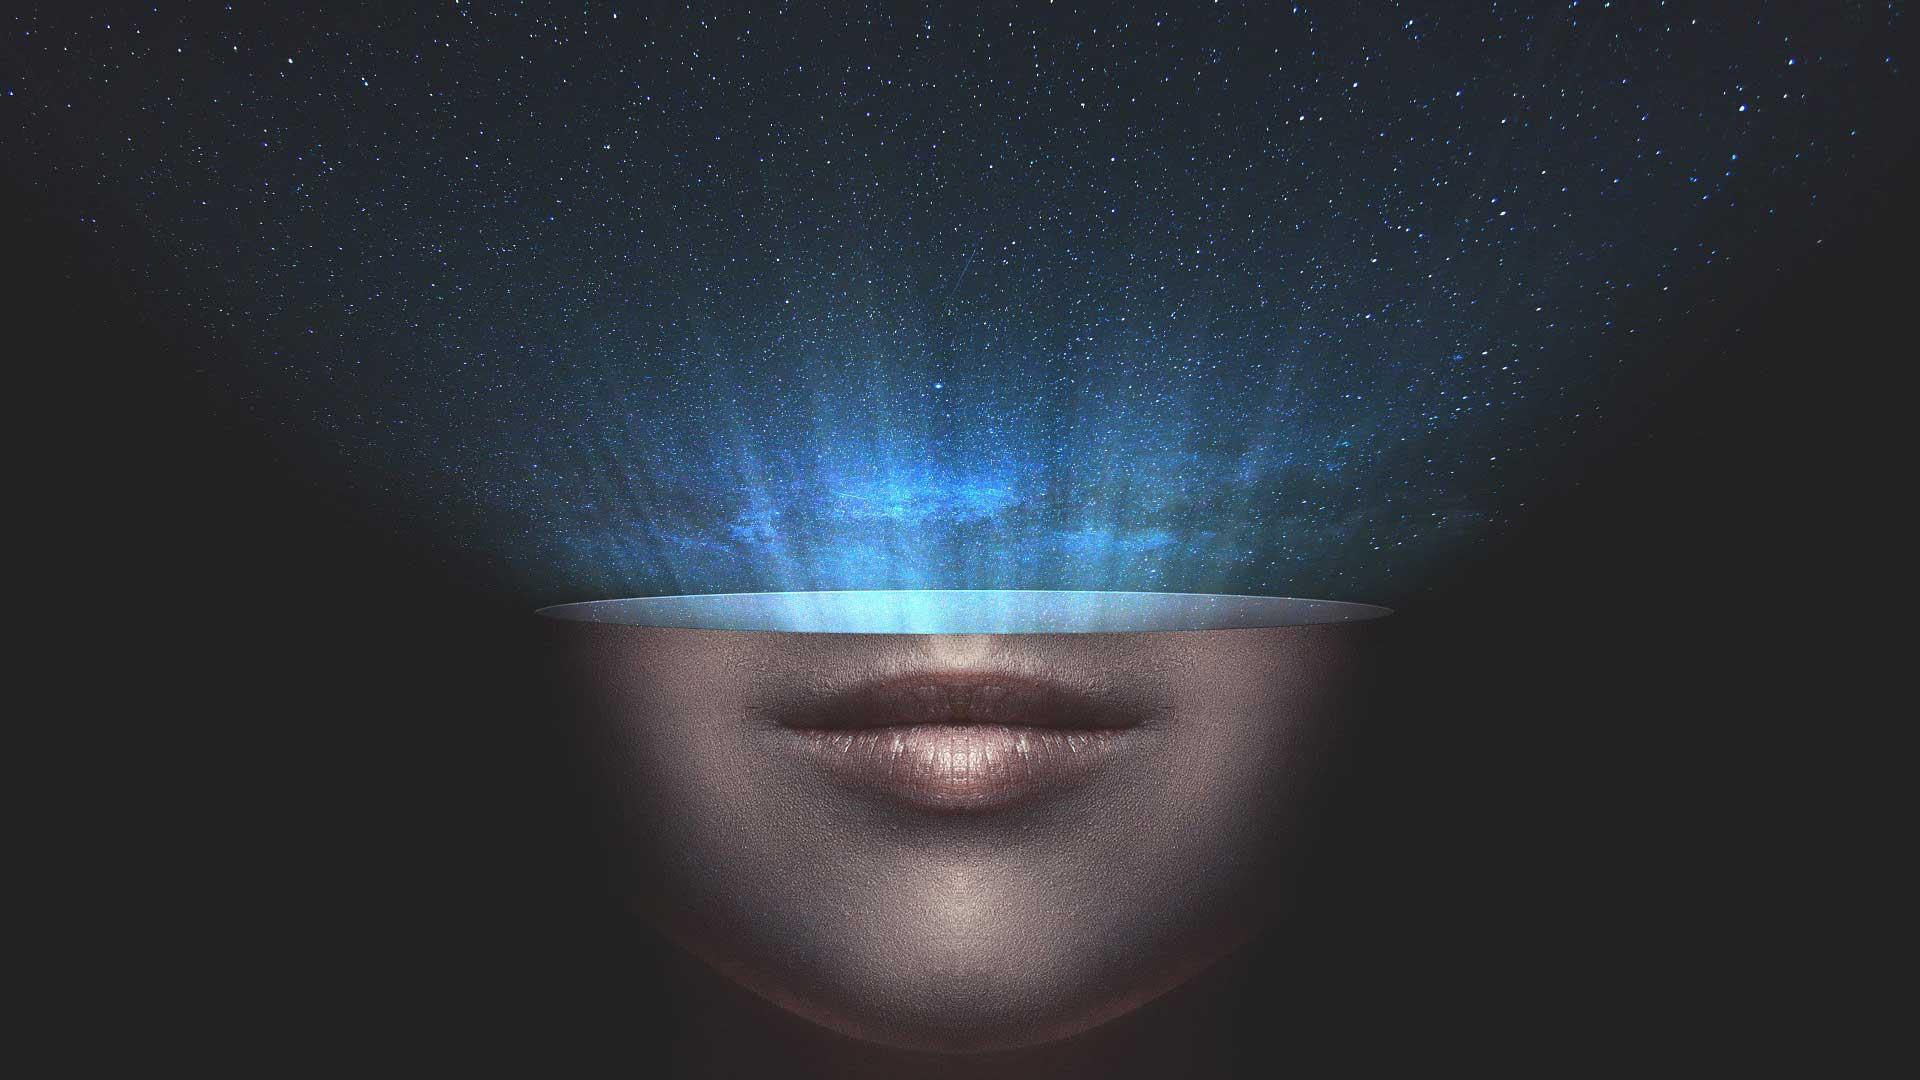 Expertos hablan, ¿podría el Universo tener consciencia de su propia existencia?